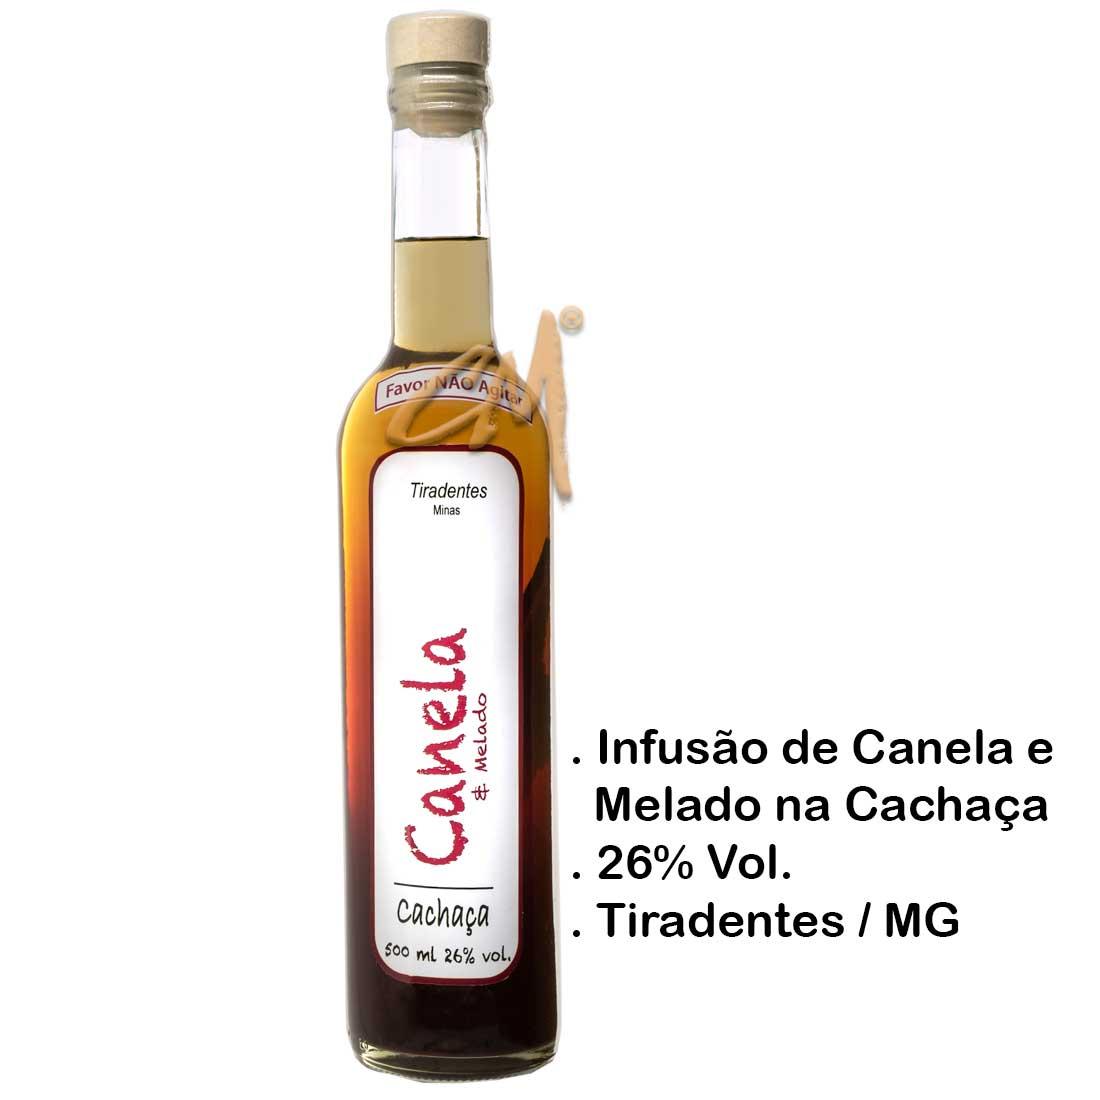 Infusão de Canela na Cachaça 500 ml (Tiradentes - MG)